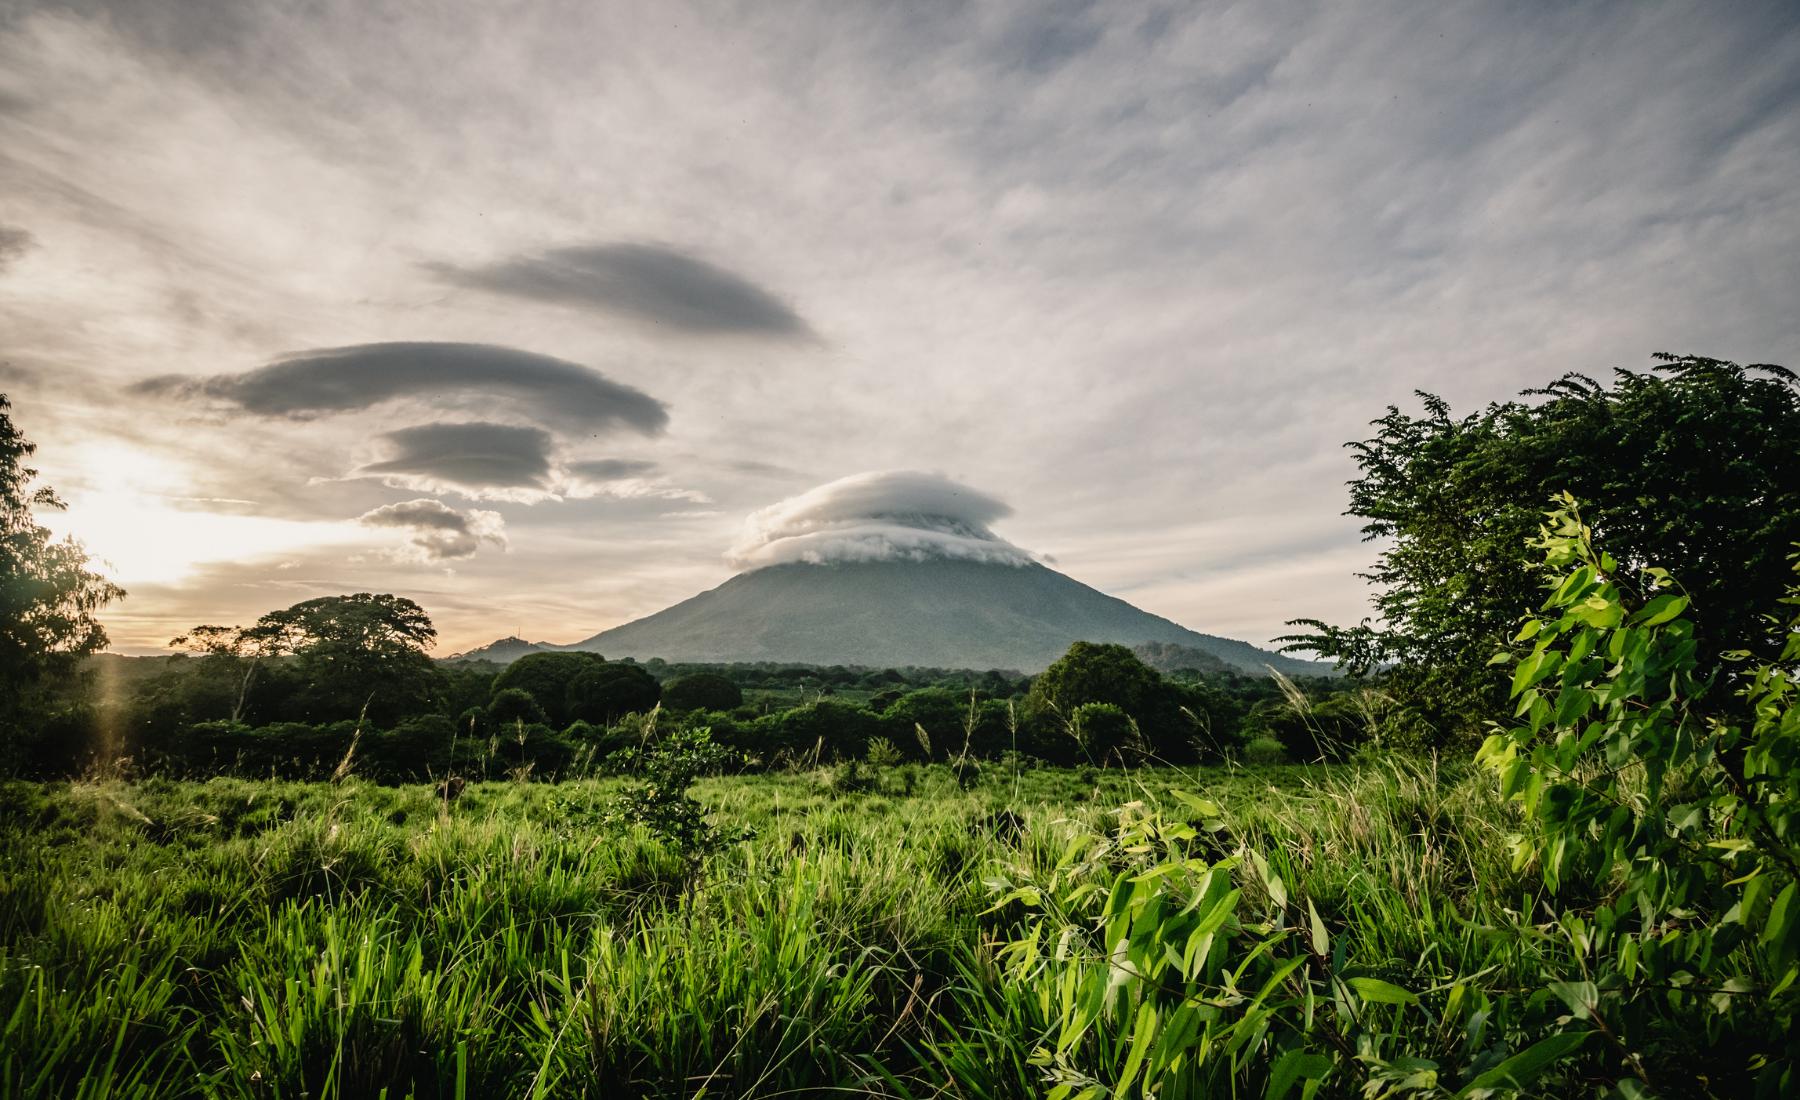 Rondreis door het bijzondere Nicaragua? Lees hier alle do's en don'ts